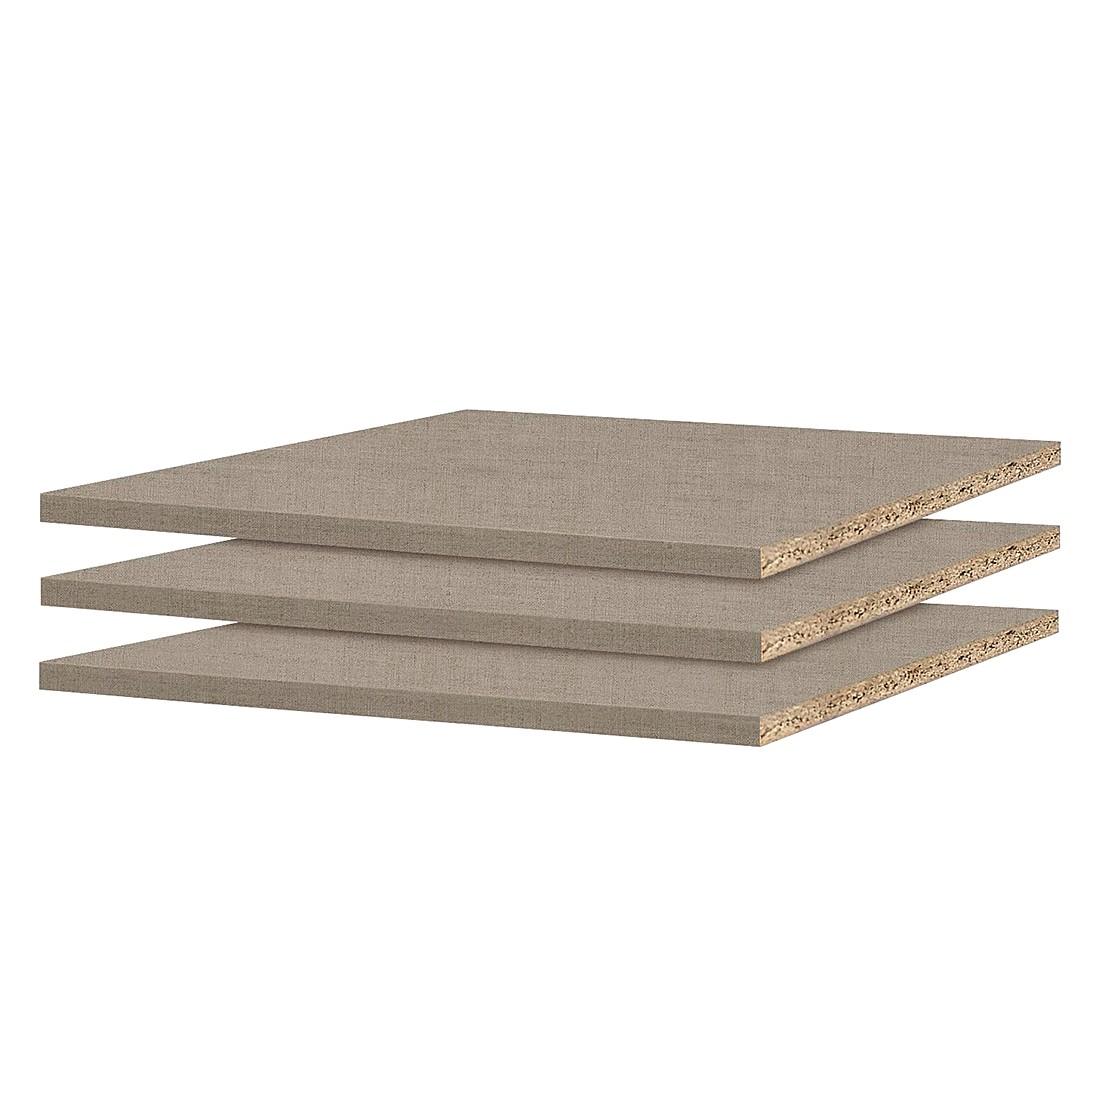 Inlegplanken (3-delige set) - geschikt voor kastelementen met een breedte van 45cm en een diepte van 54/56cm, Rauch Packs